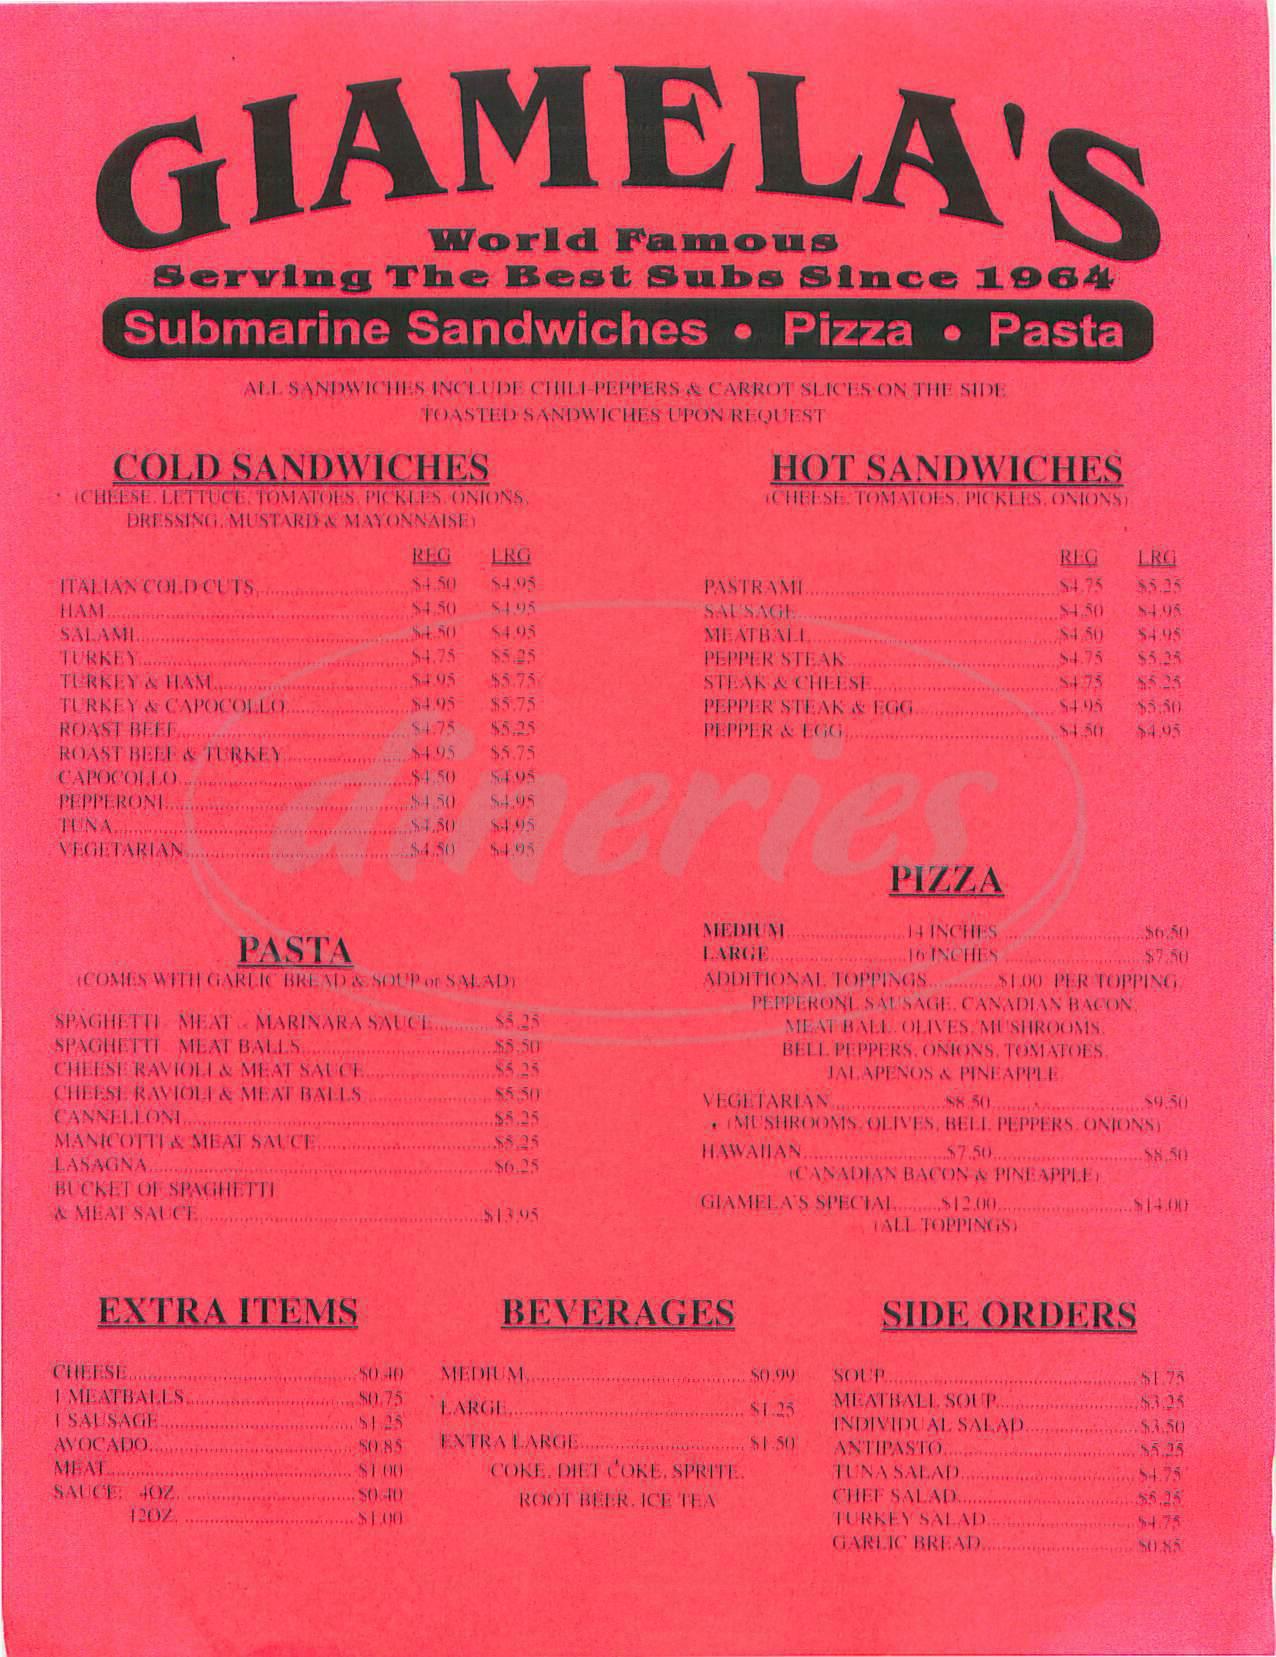 menu for Giamela's